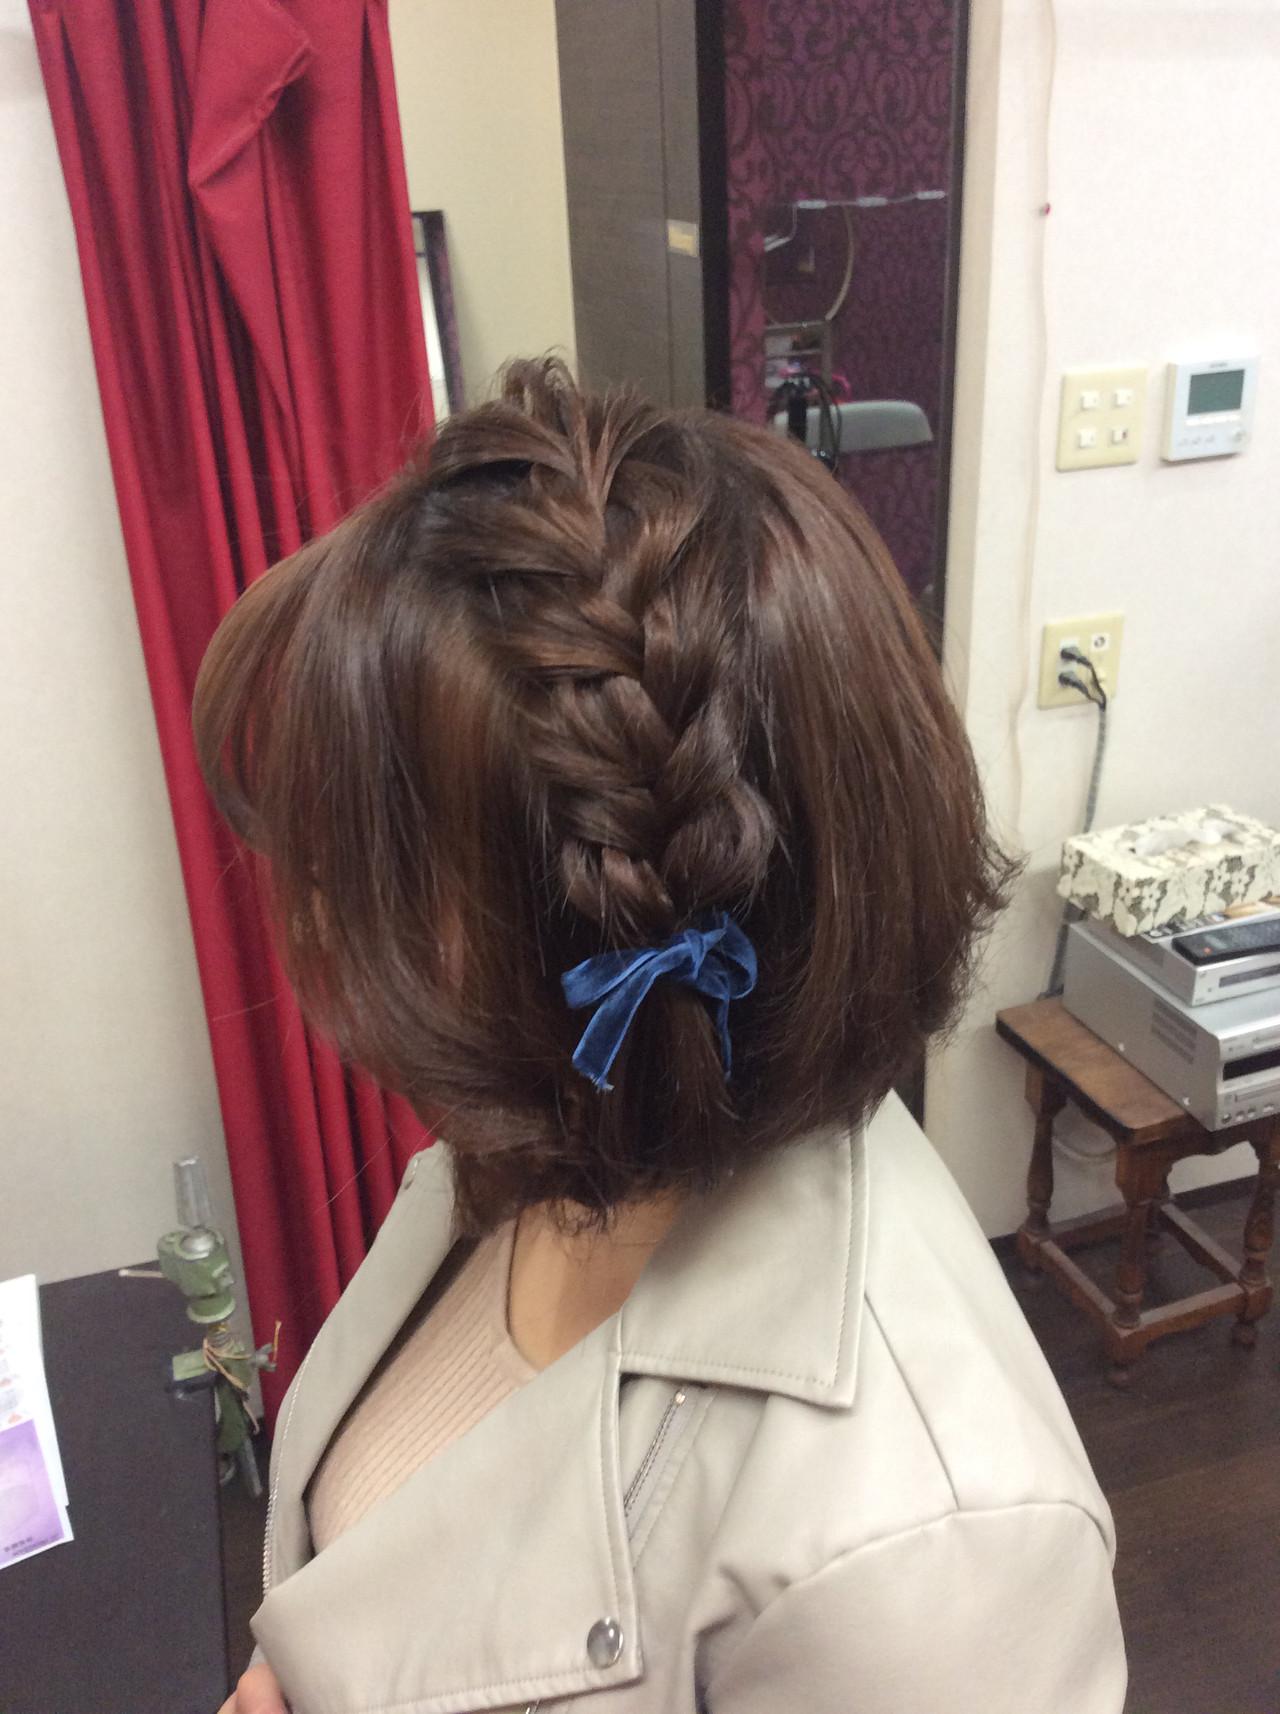 ナチュラル ヘアアレンジ 結婚式ヘアアレンジ 編み込みヘア ヘアスタイルや髪型の写真・画像   rumiLINKS美容室 / リンクス美容室